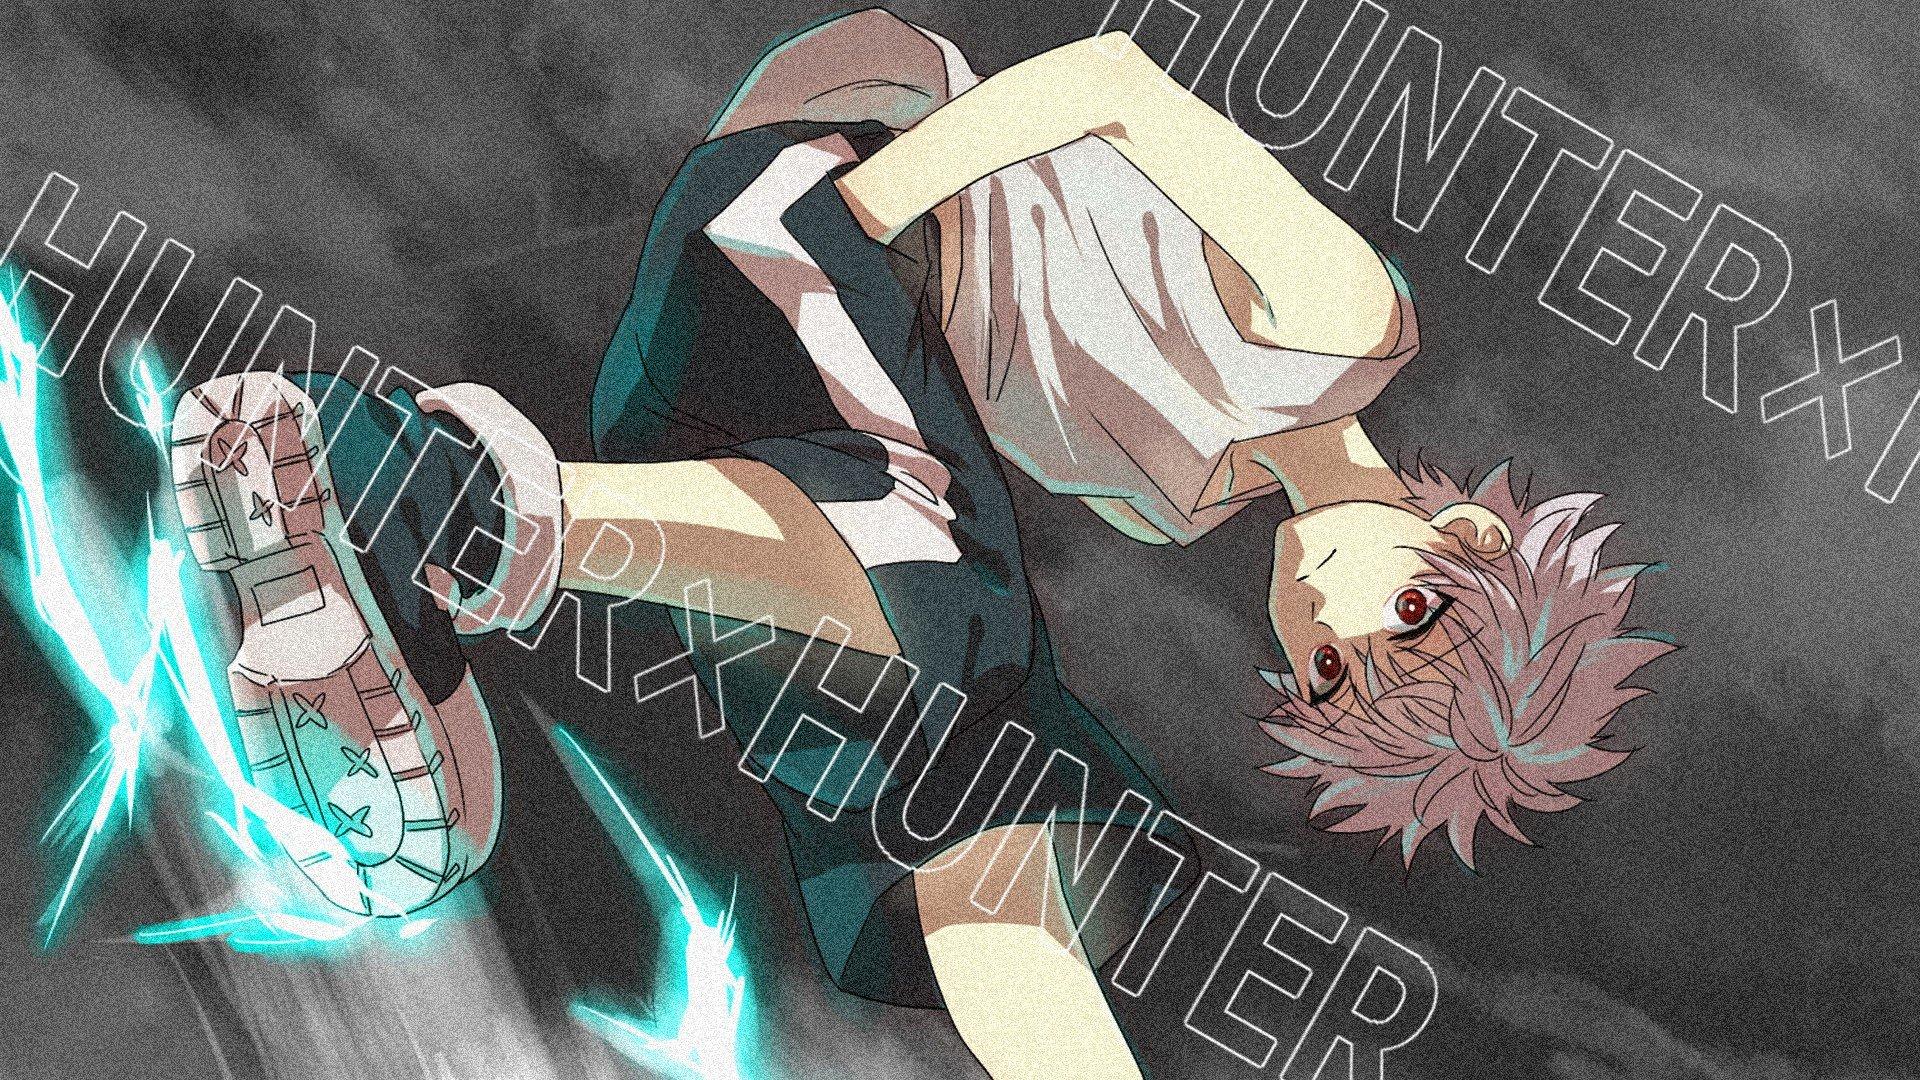 Killua Zoldyck Hunter AIaen Hunter wallpaper 1920x1080 241846 1920x1080